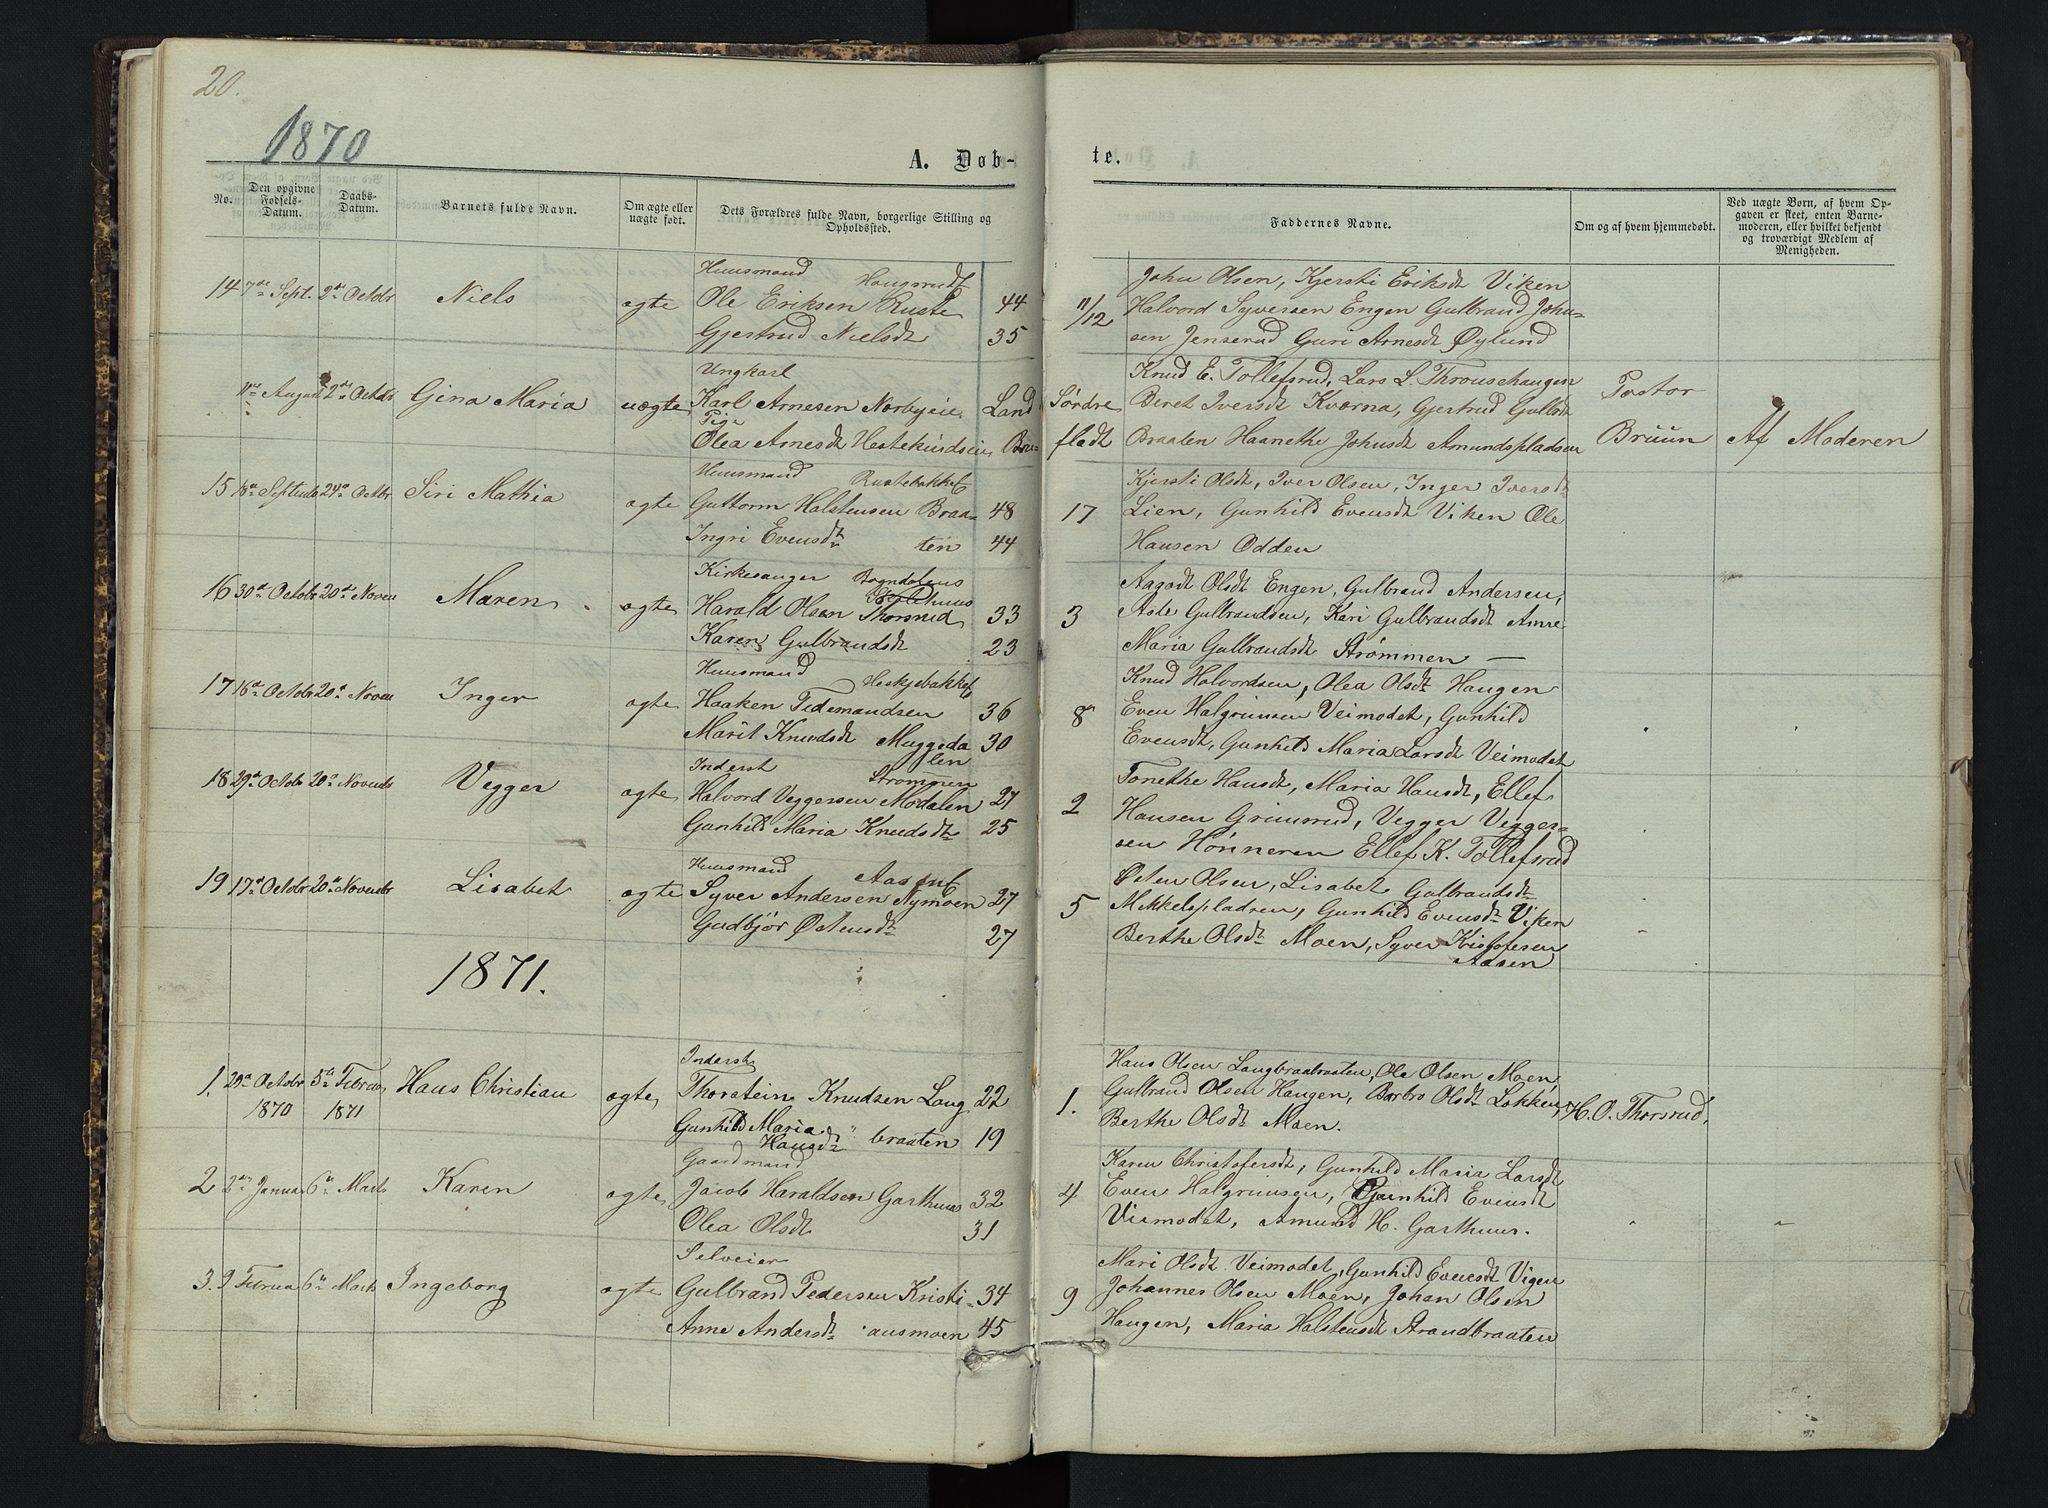 SAH, Sør-Aurdal prestekontor, Klokkerbok nr. 3, 1862-1893, s. 20